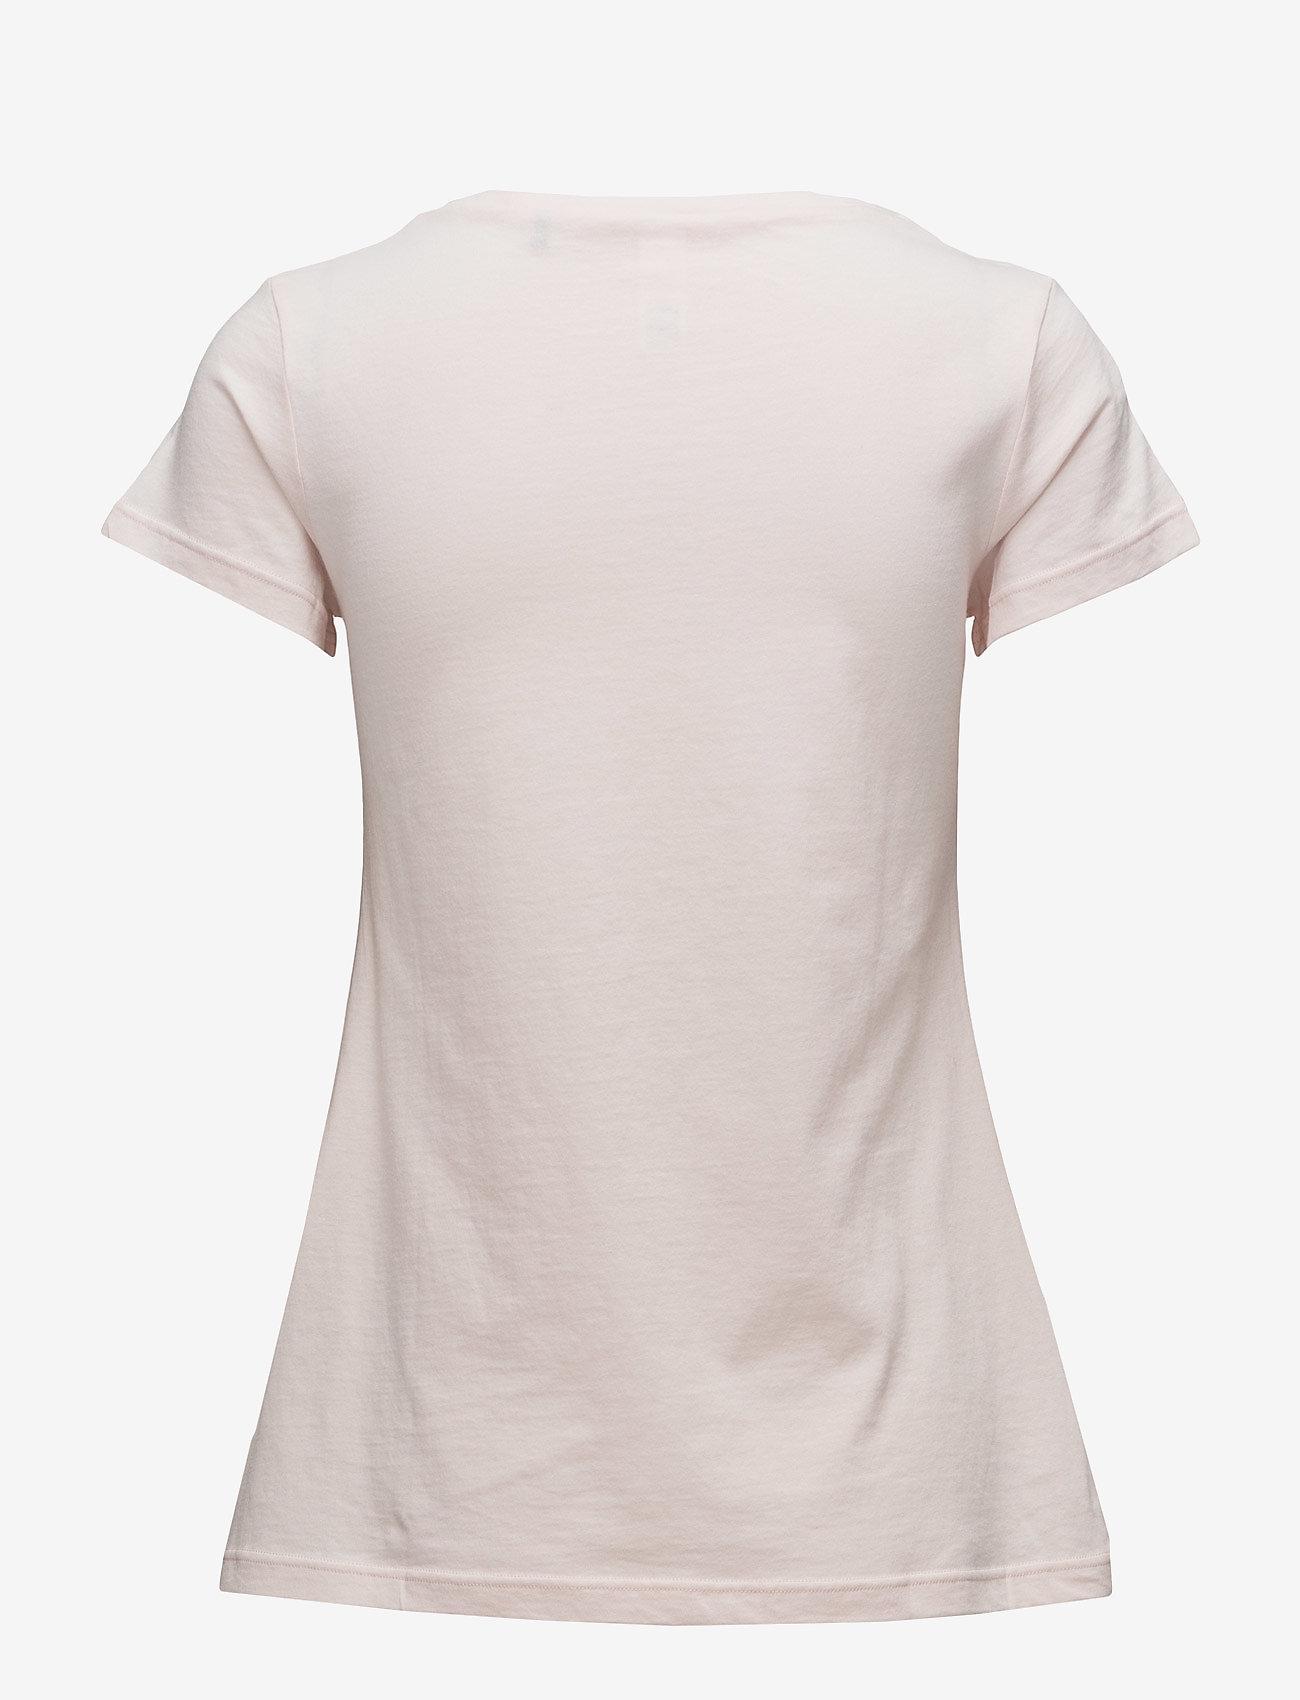 Skiny - L. shirt s/slv - overdeler - pearl blush - 1